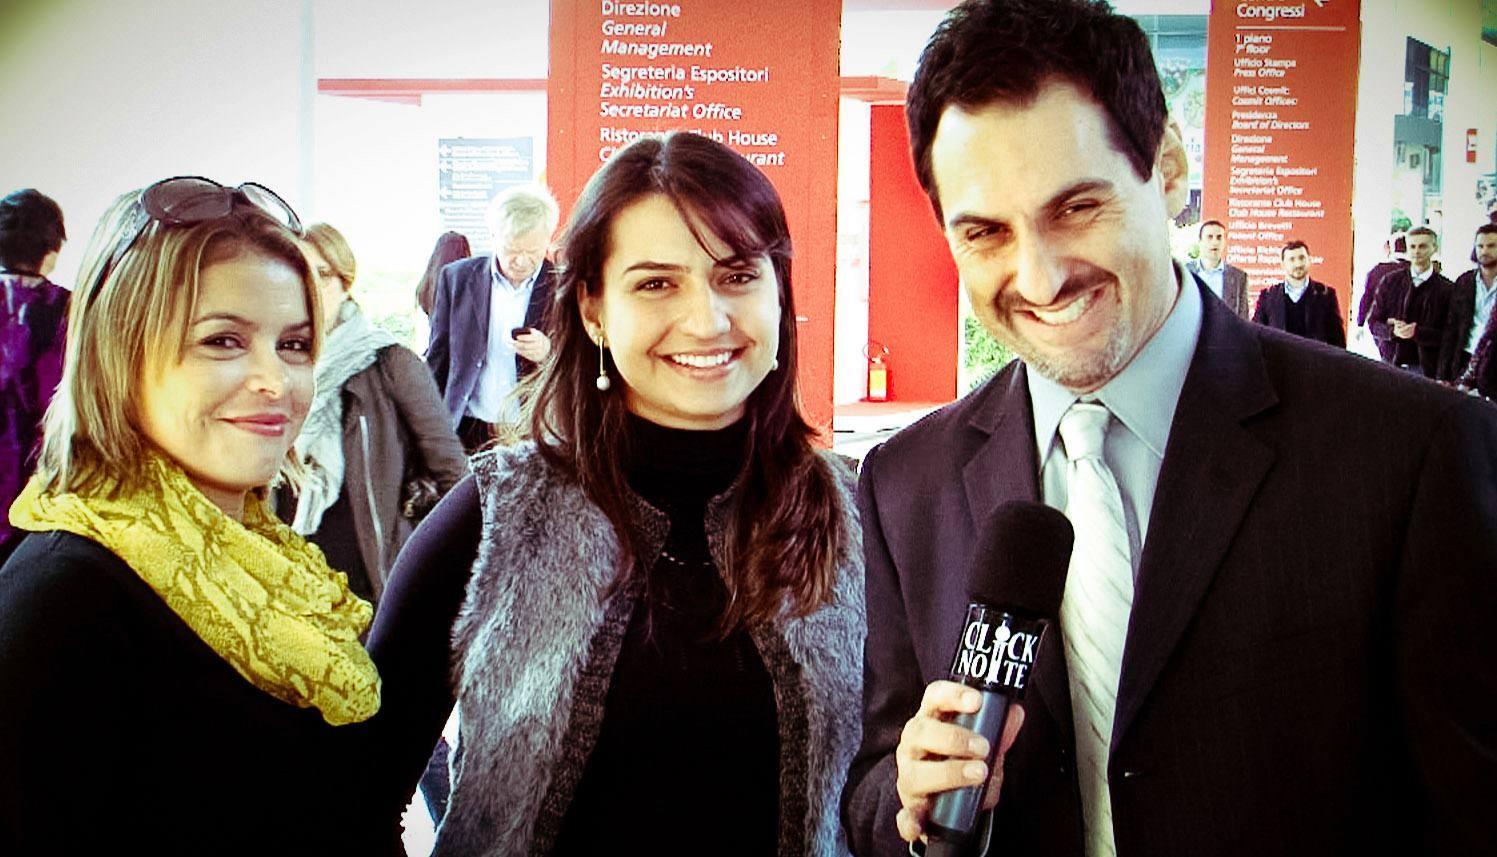 Entrevista Click Noite 2012 em Milão